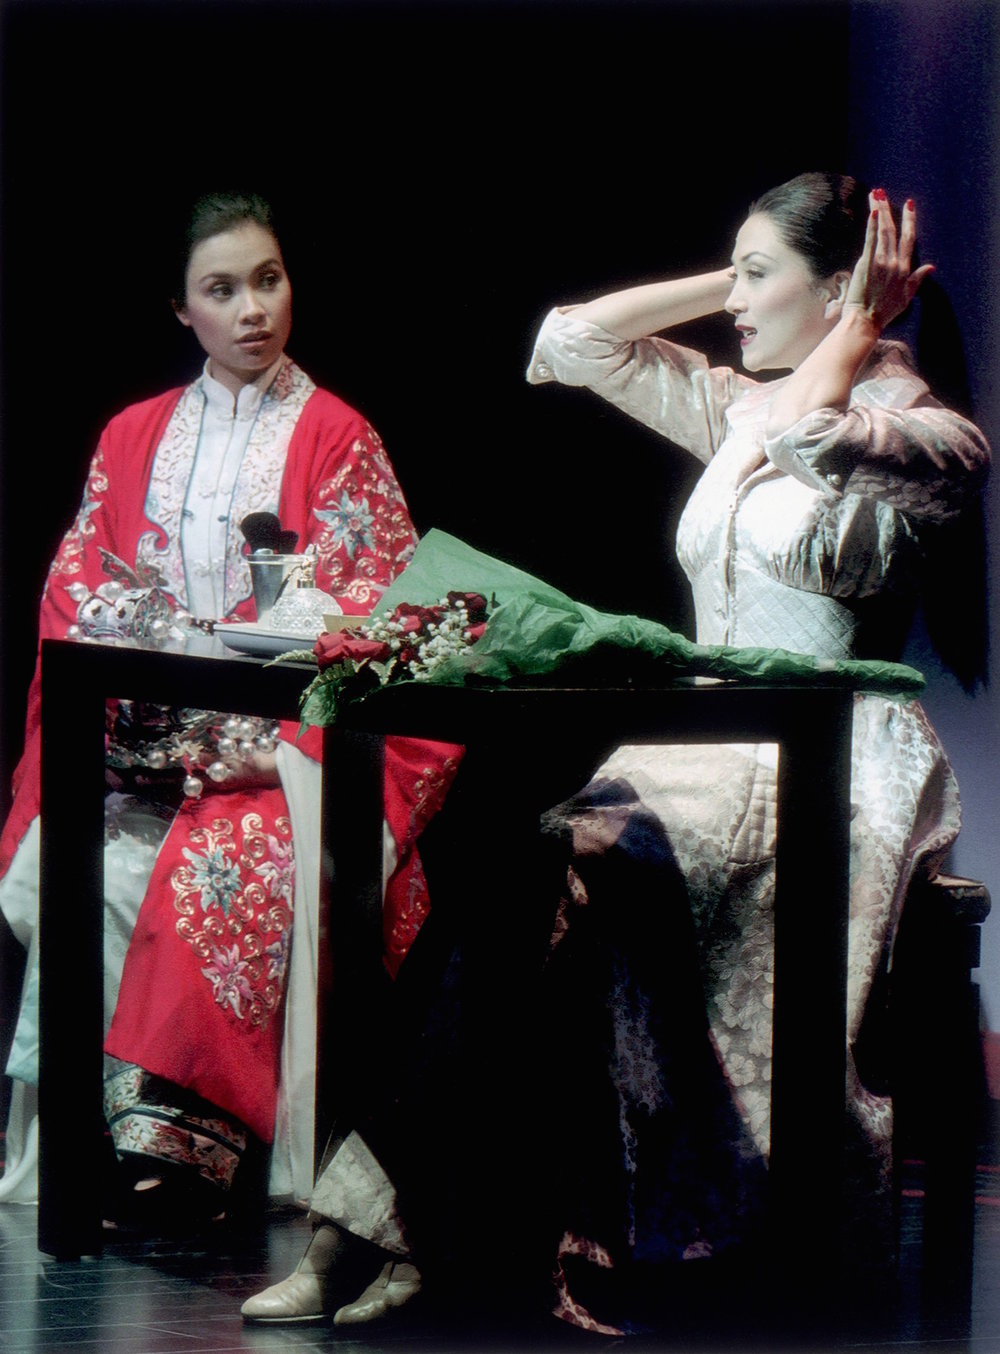 莉雅·萨隆加和Sandra Allen。剧照由Craig Schwartz于2001年为马克泰博论坛剧院所摄。